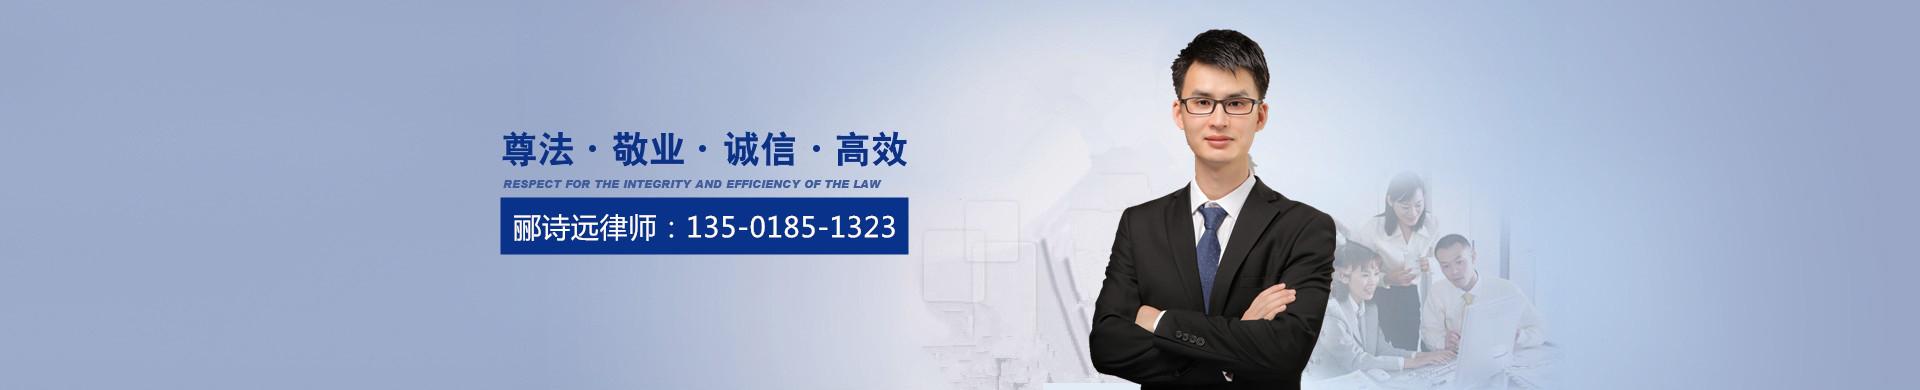 上海专利律师大图一